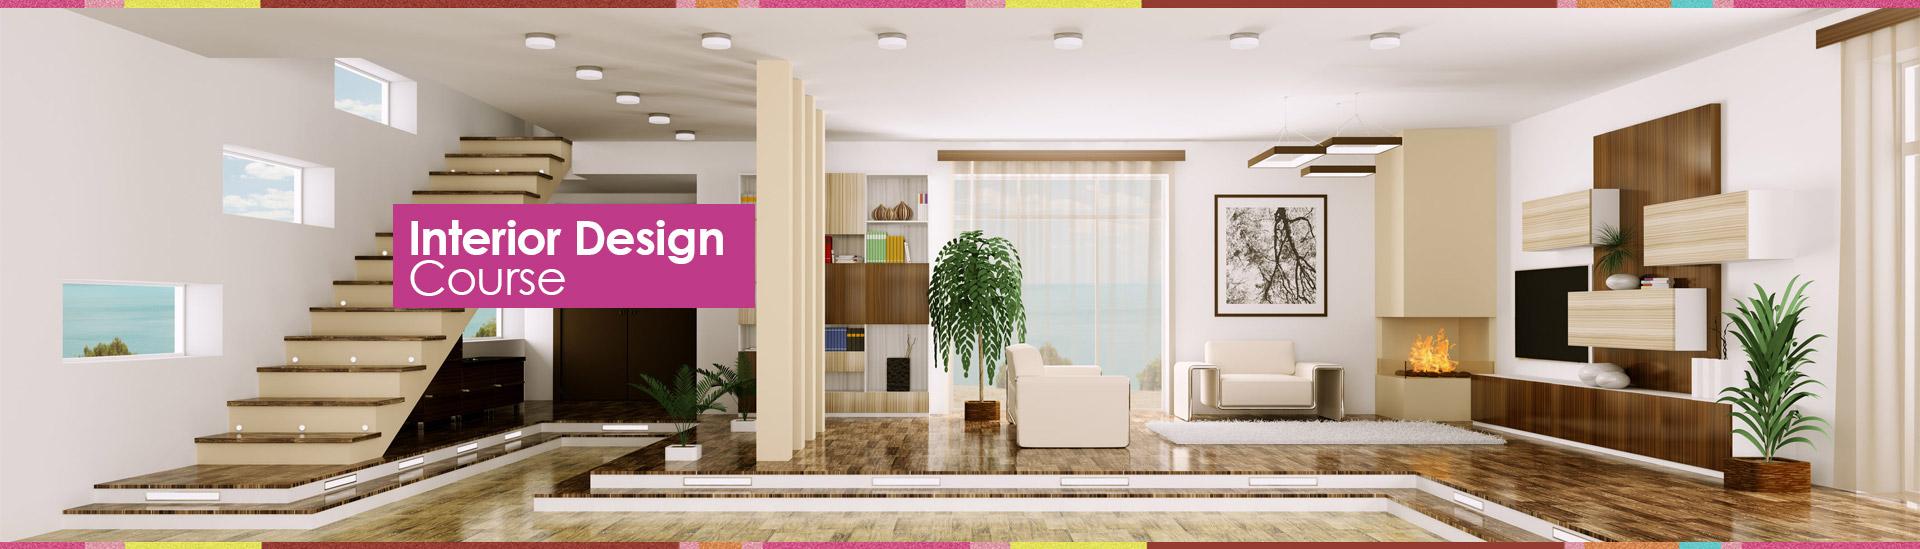 Best Interior Design Institute In New Delhi Top Institutes Of Interior Designing Course In India